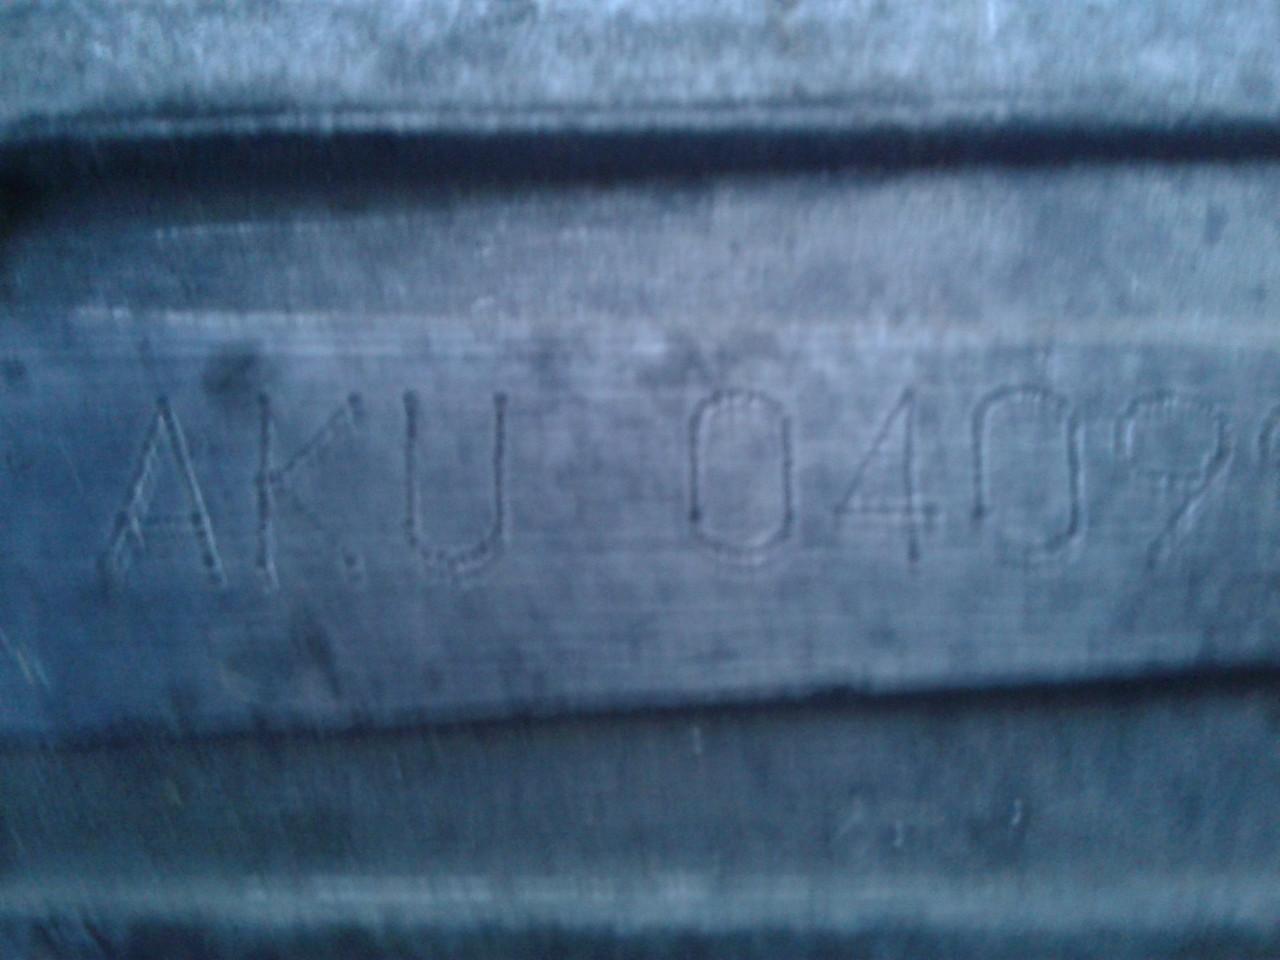 Бу КПП для Audi A6 С4 Quattro 2.8 B AKU в рабочем состоянии нужен ремонт роздатки   Цена указана за запчасти у